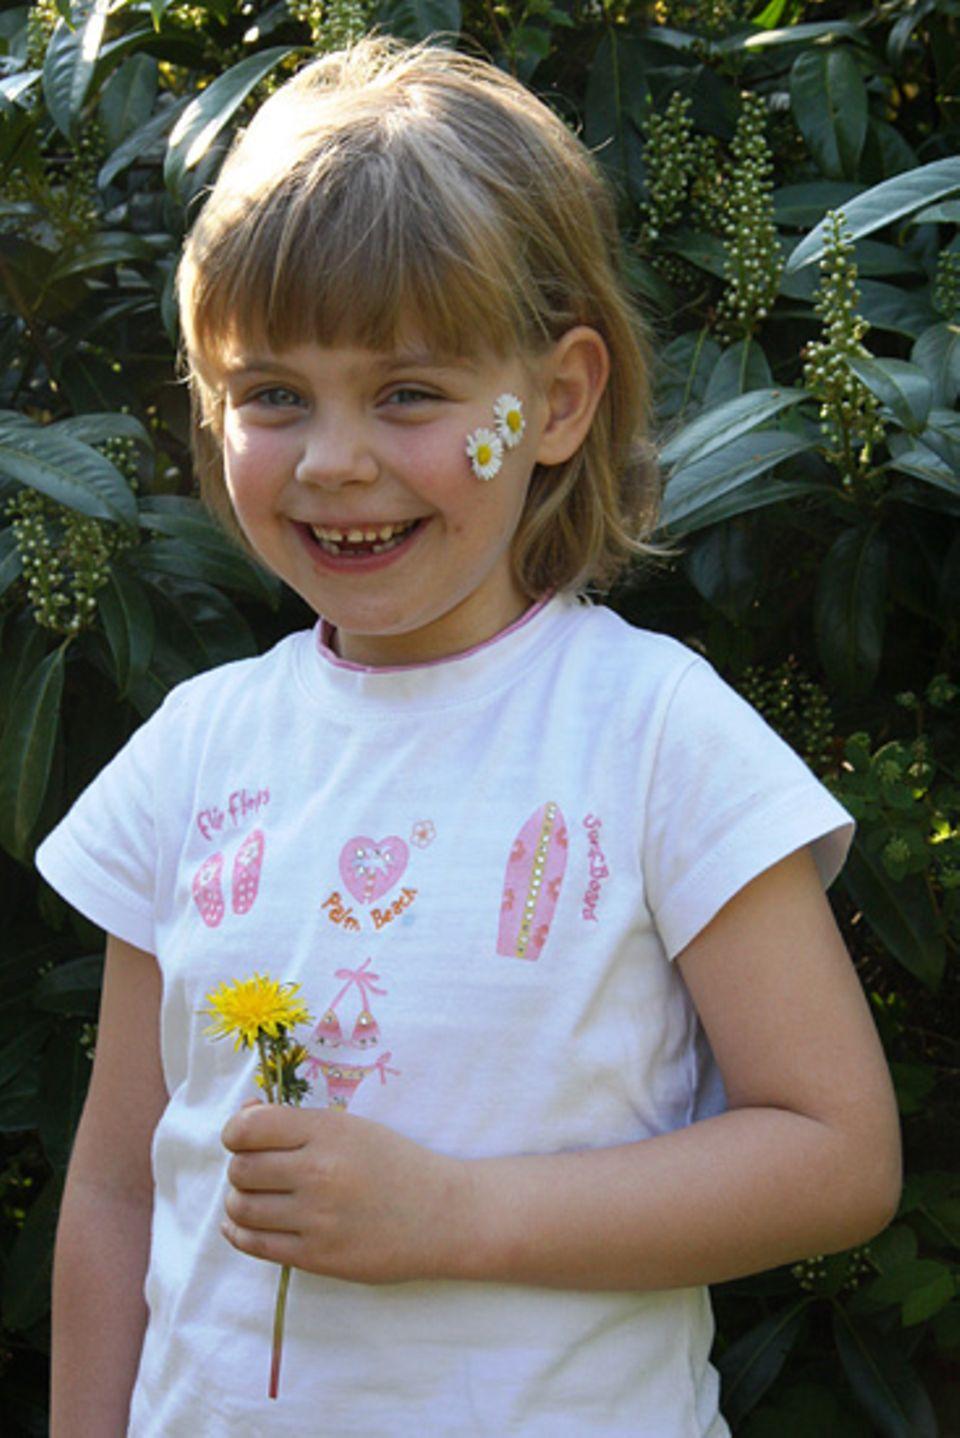 Raus in die Natur: Fedora trägt ein Blumen-Tattoo